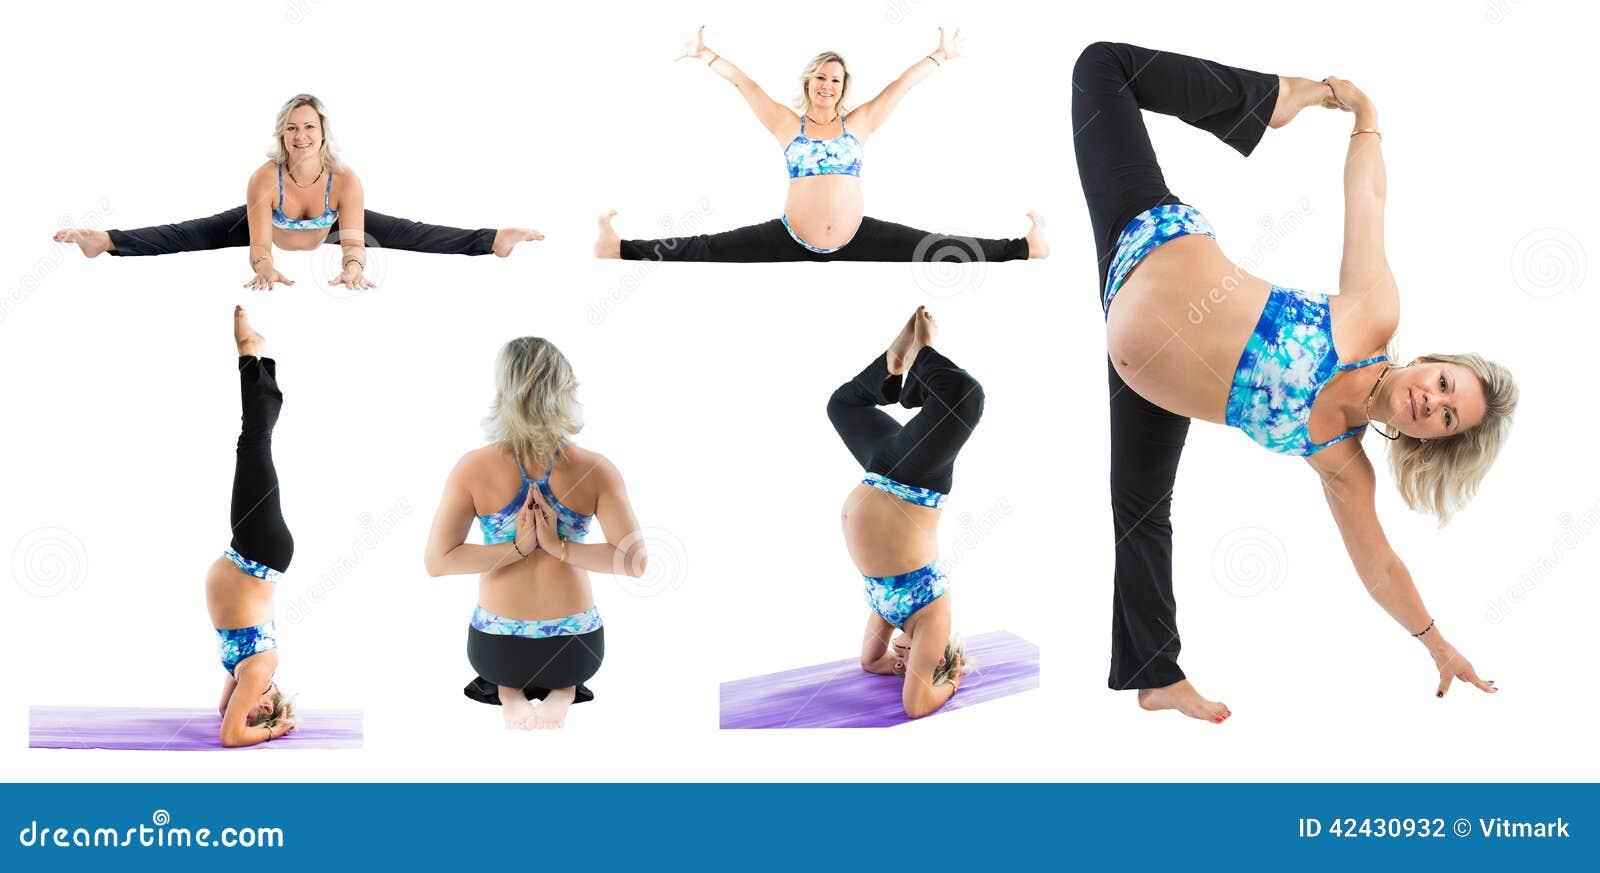 El collage de la mujer embarazada de la aptitud hace que el estiramiento en yoga y pilates presenta en el fondo blanco